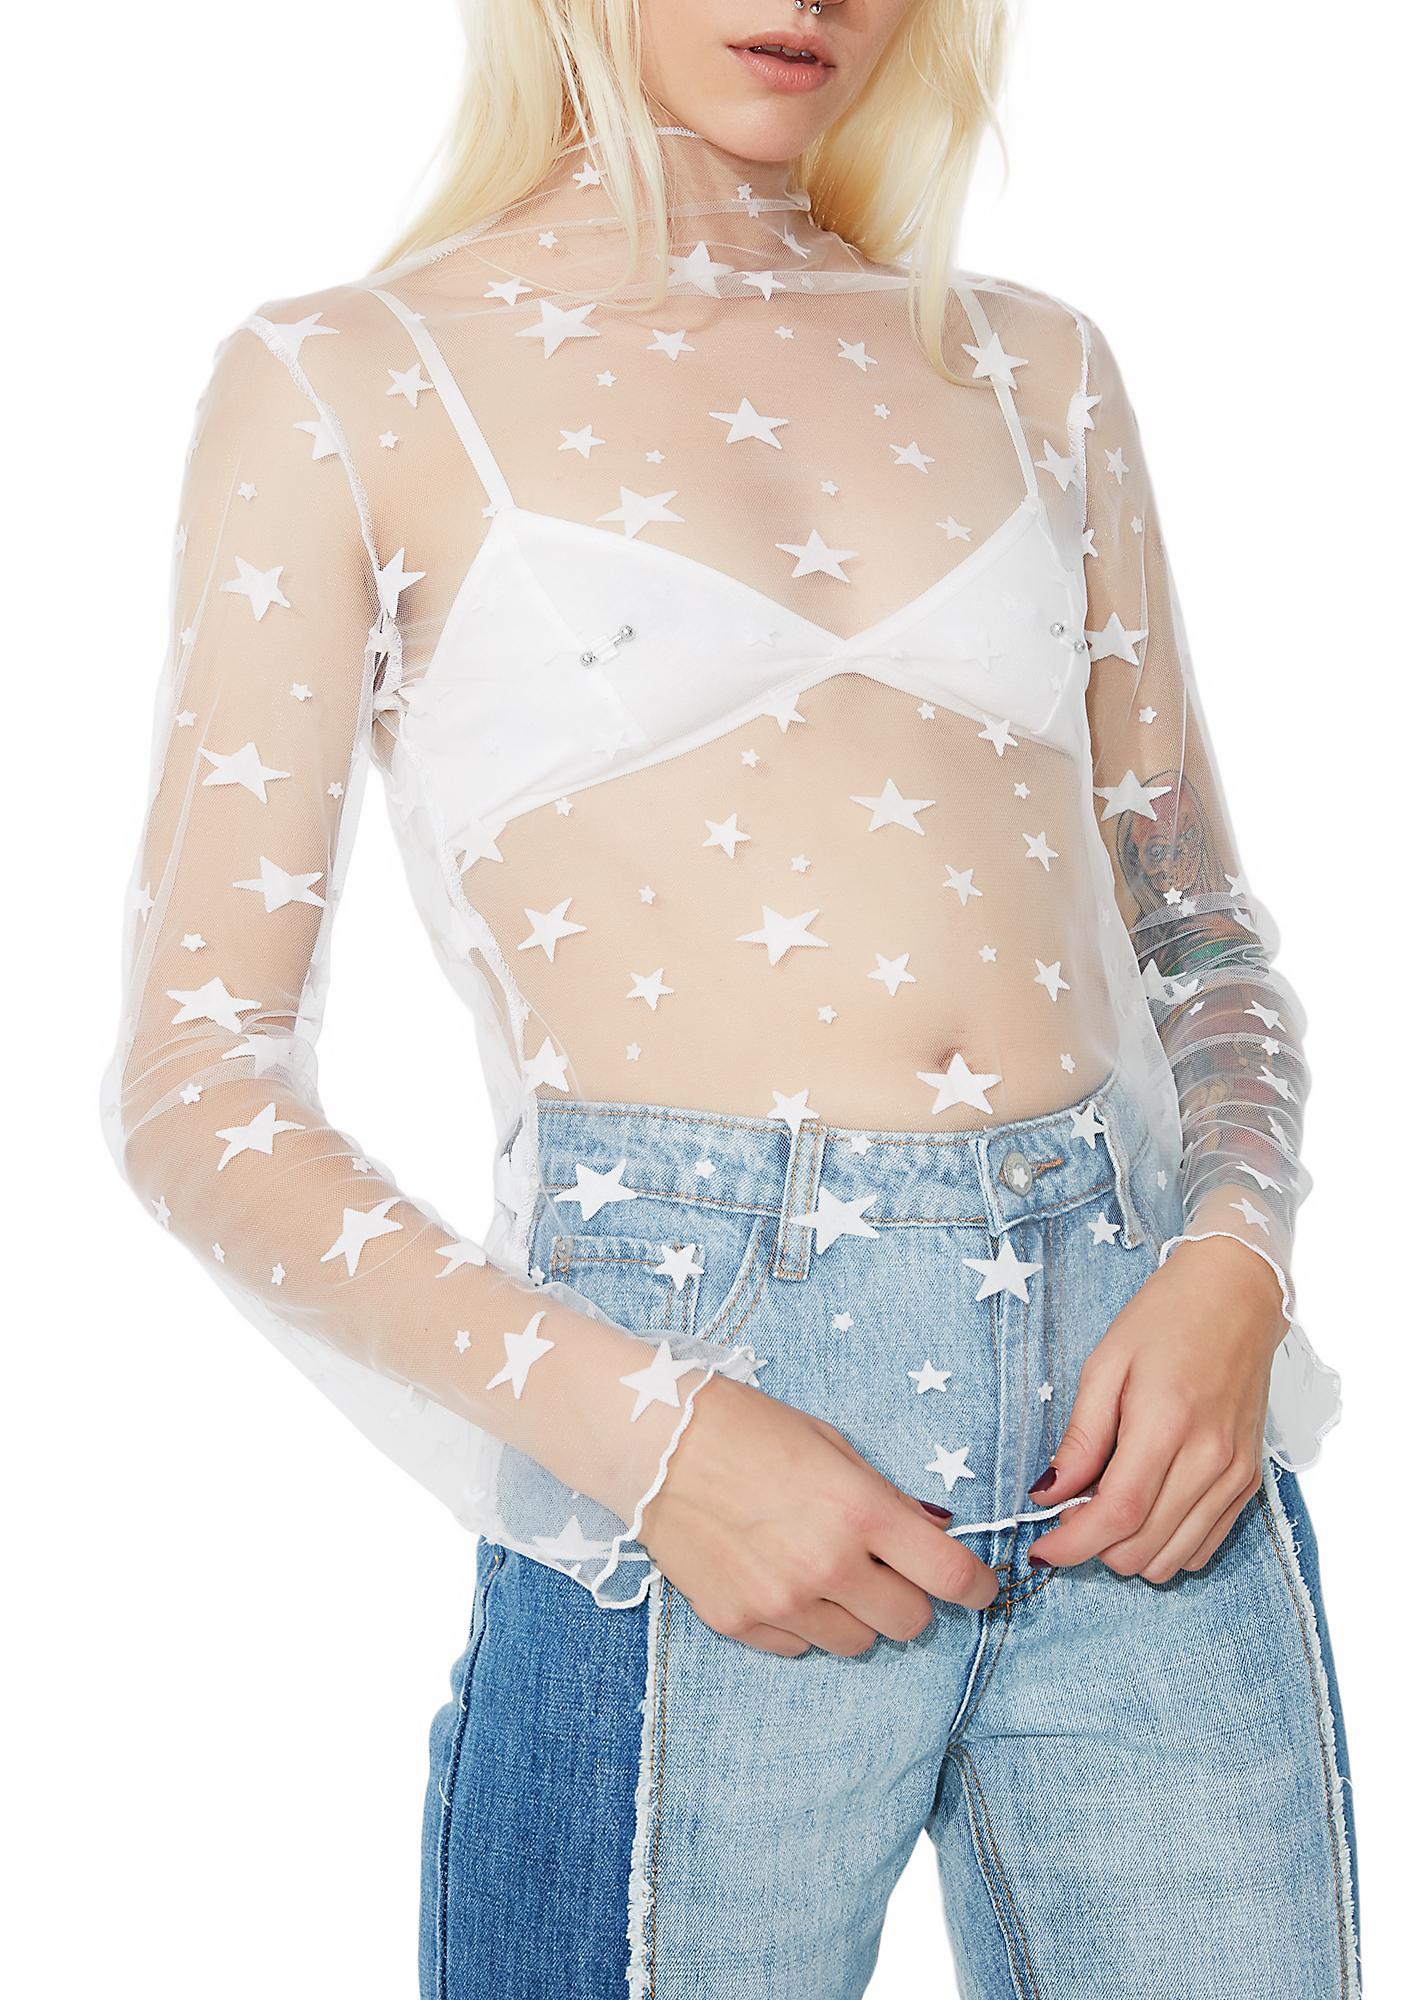 Star Dazed Sheer Top